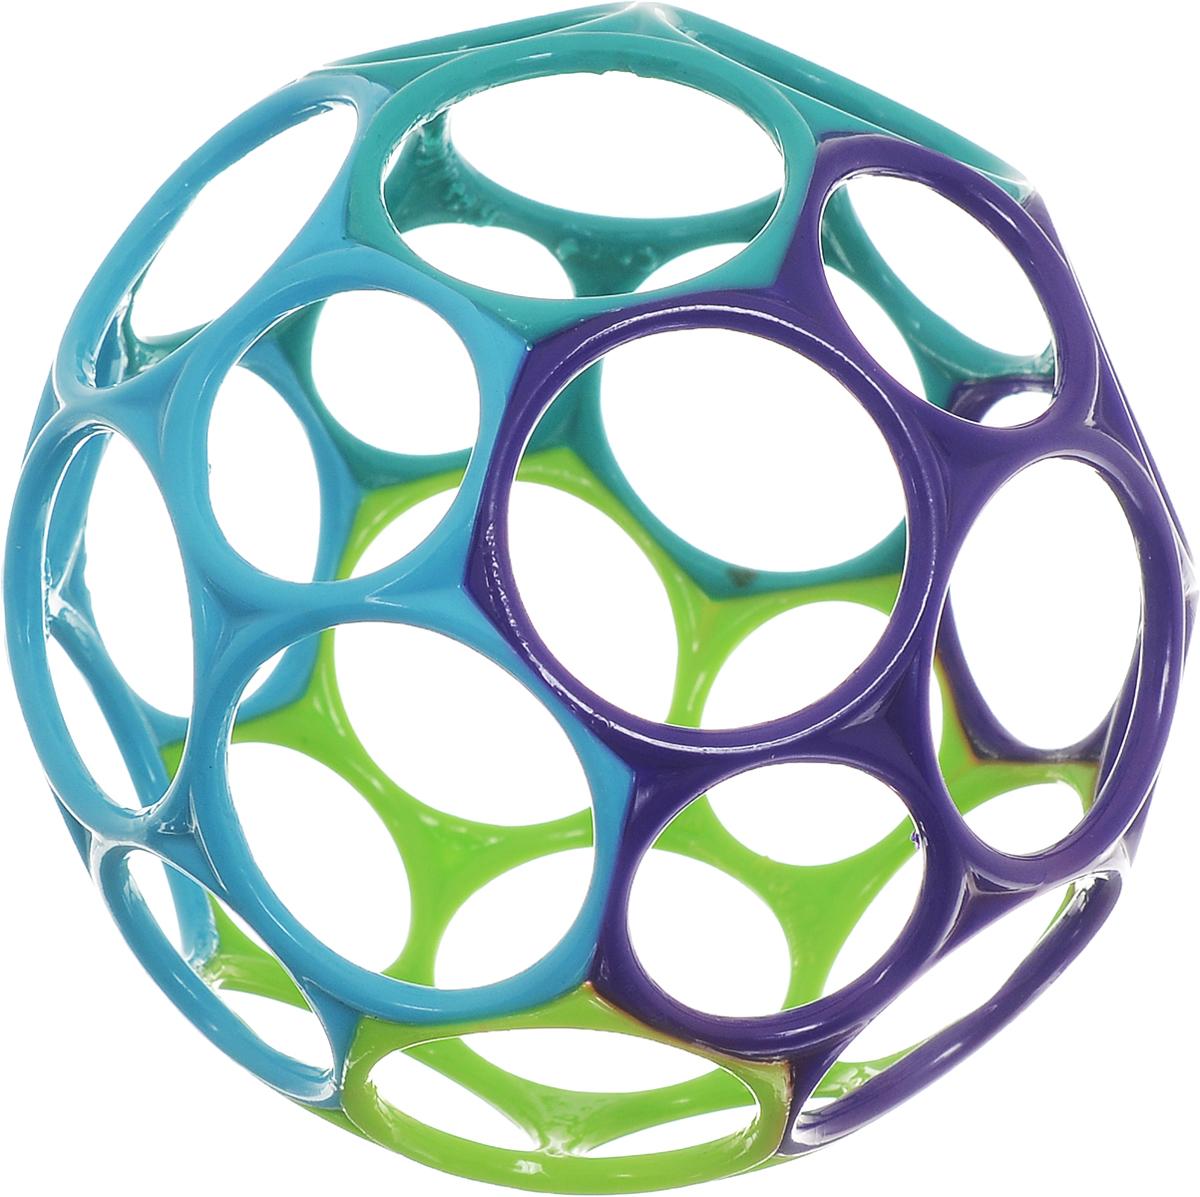 Oball Развивающая игрушка Мячик цвет фиолетовый голубой салатовый